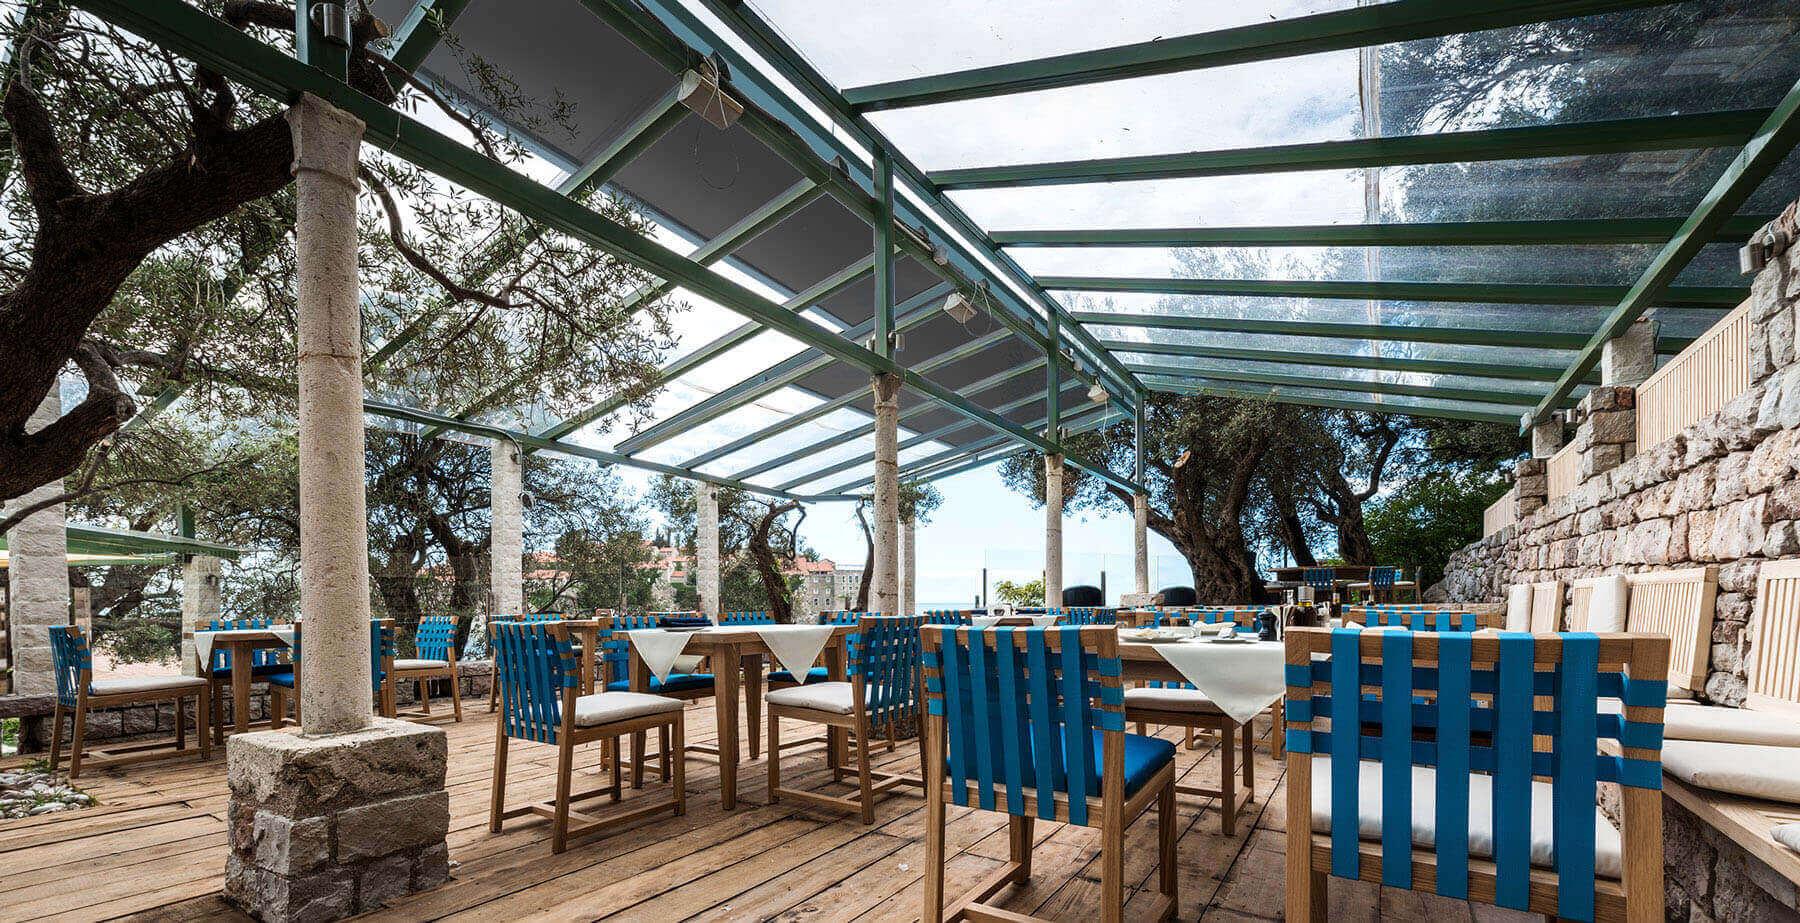 Sonnenschutz-Vorrichtung auf der Terrassendach, dass über den Außenbereich eines rustikalen Restaurants montiert ist